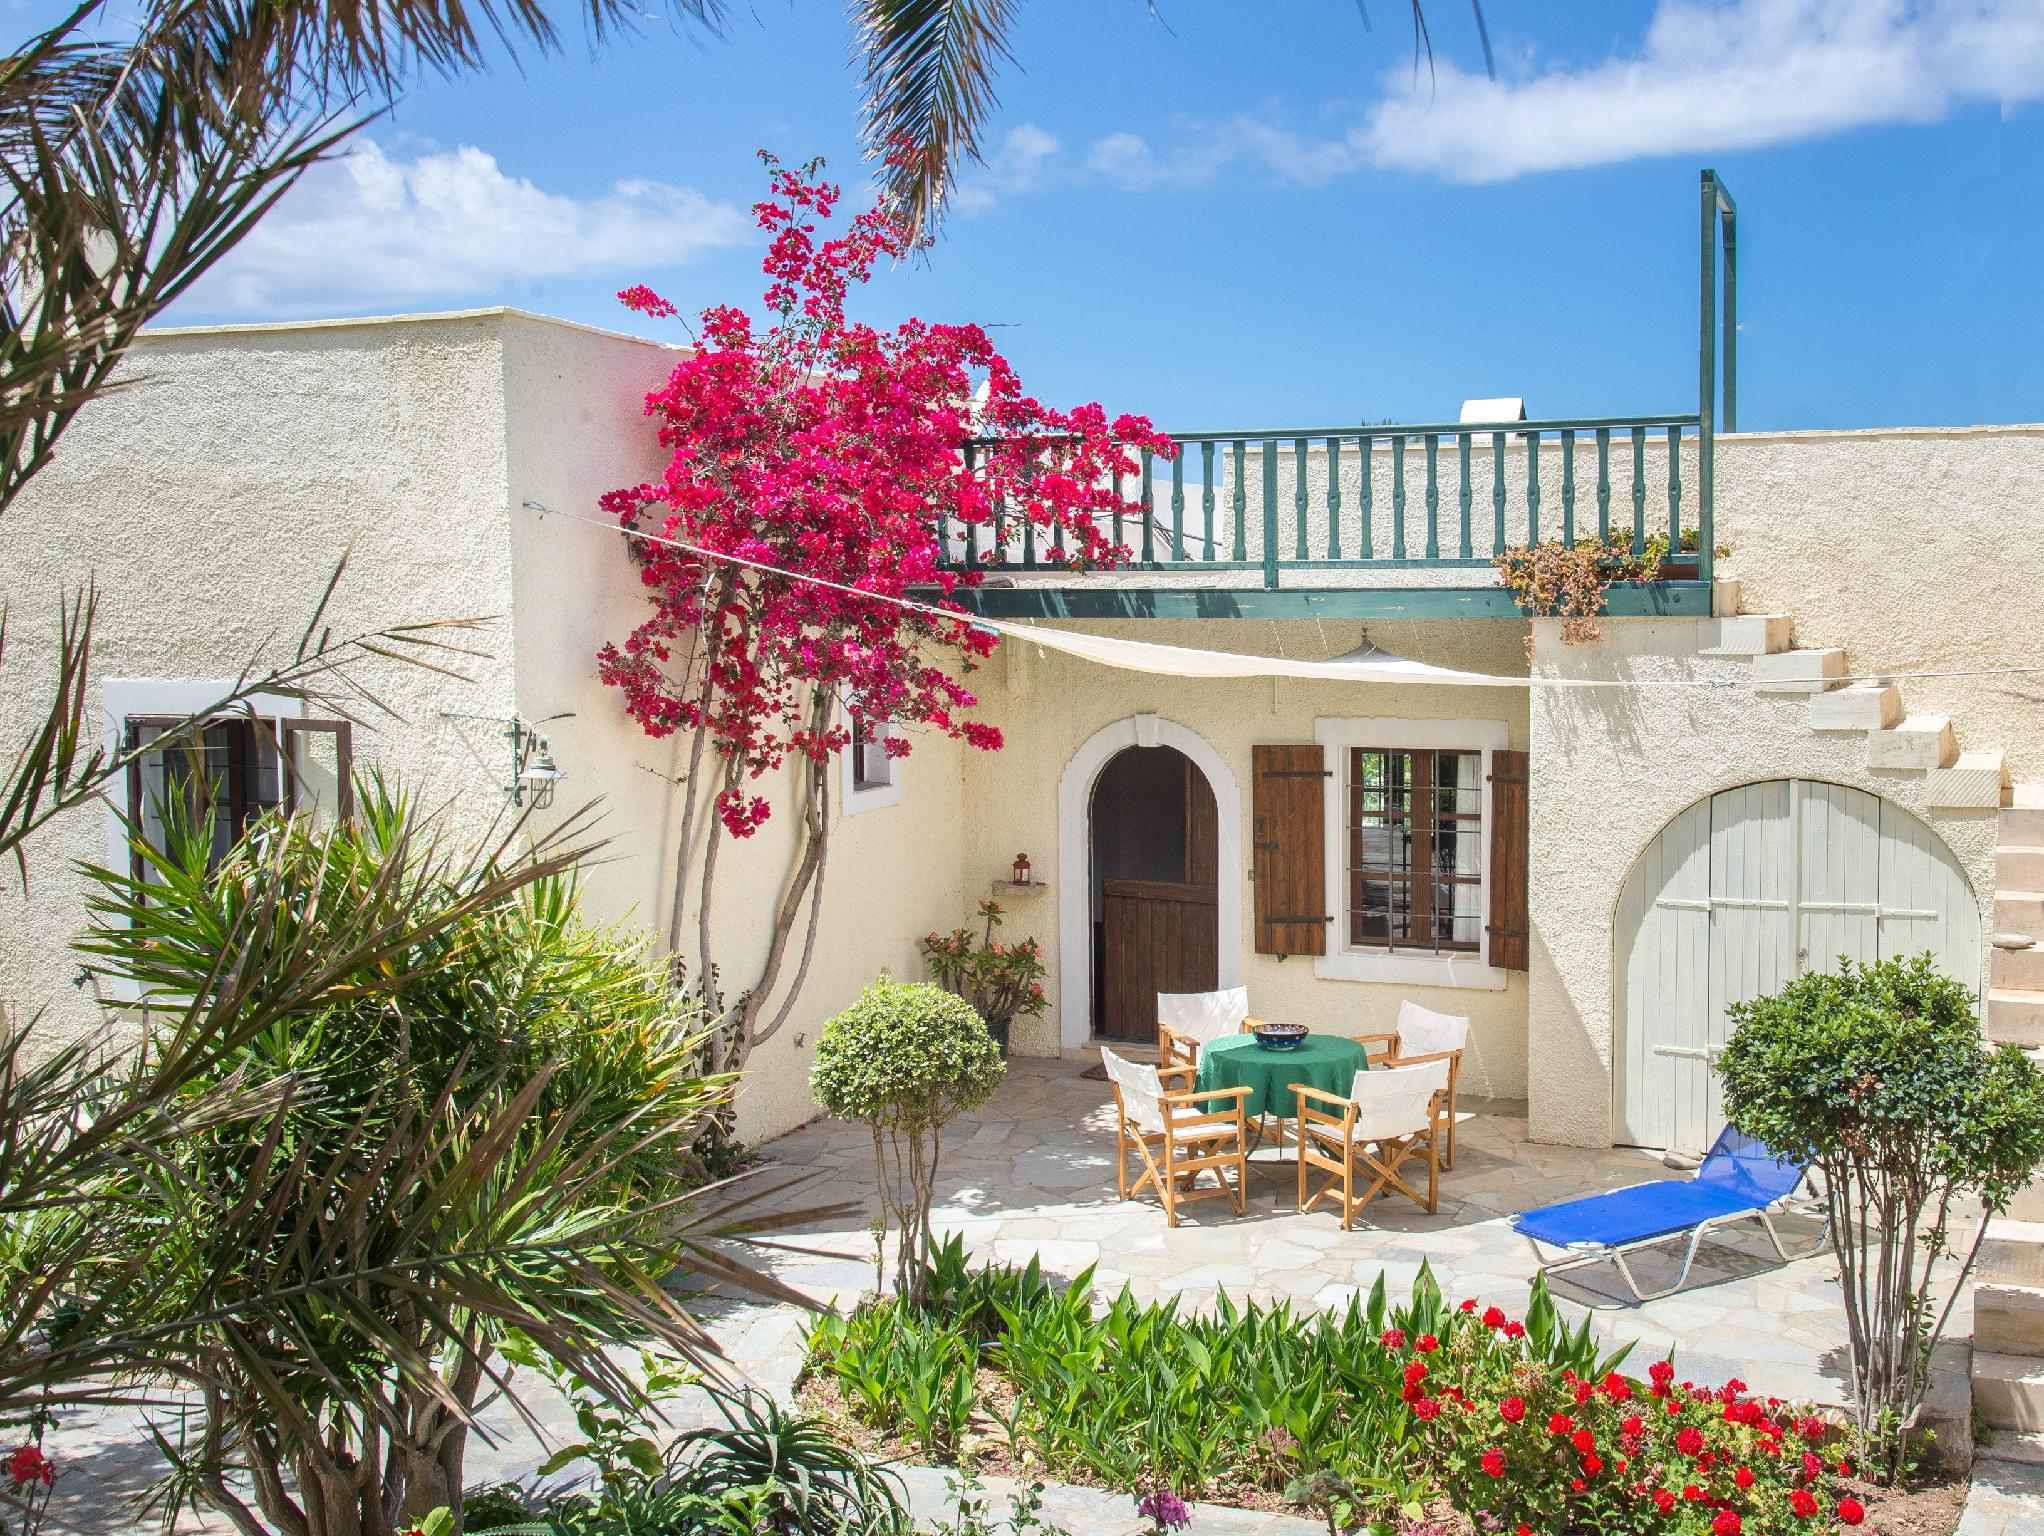 Bougainvillea House In Crete